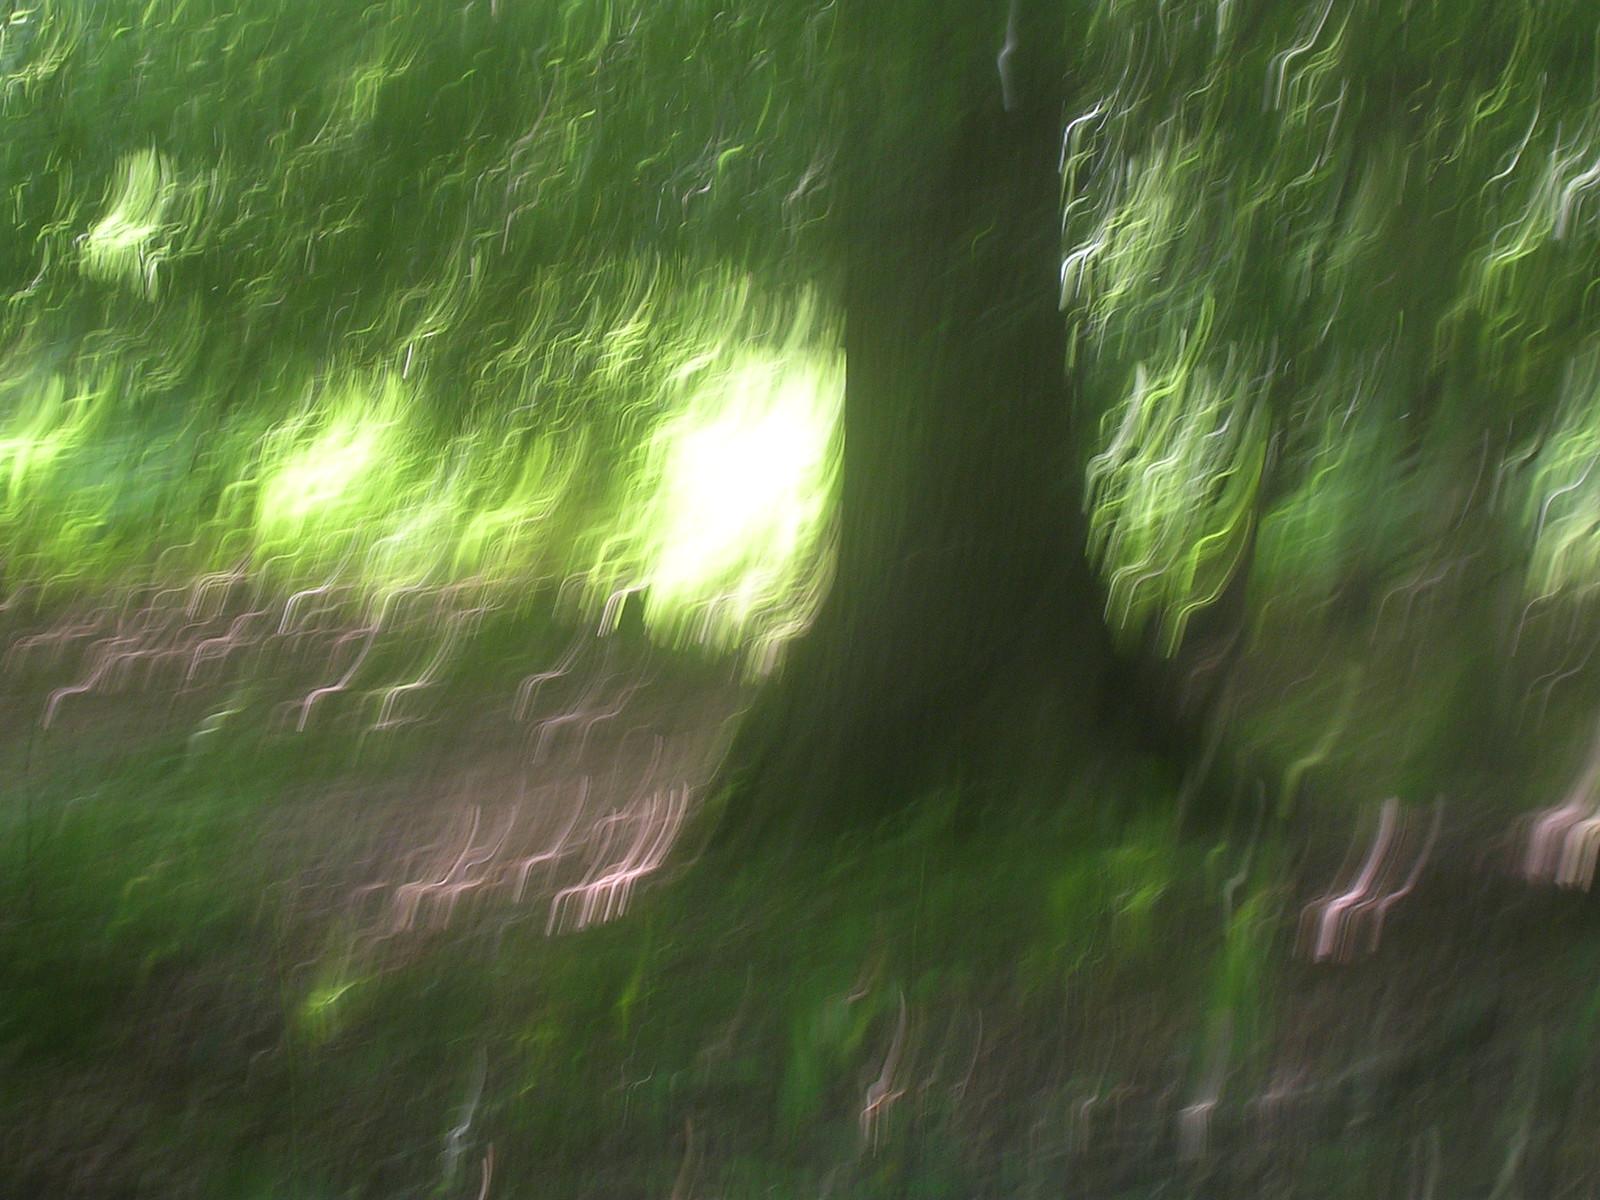 Tree Ashurst to Hartfield